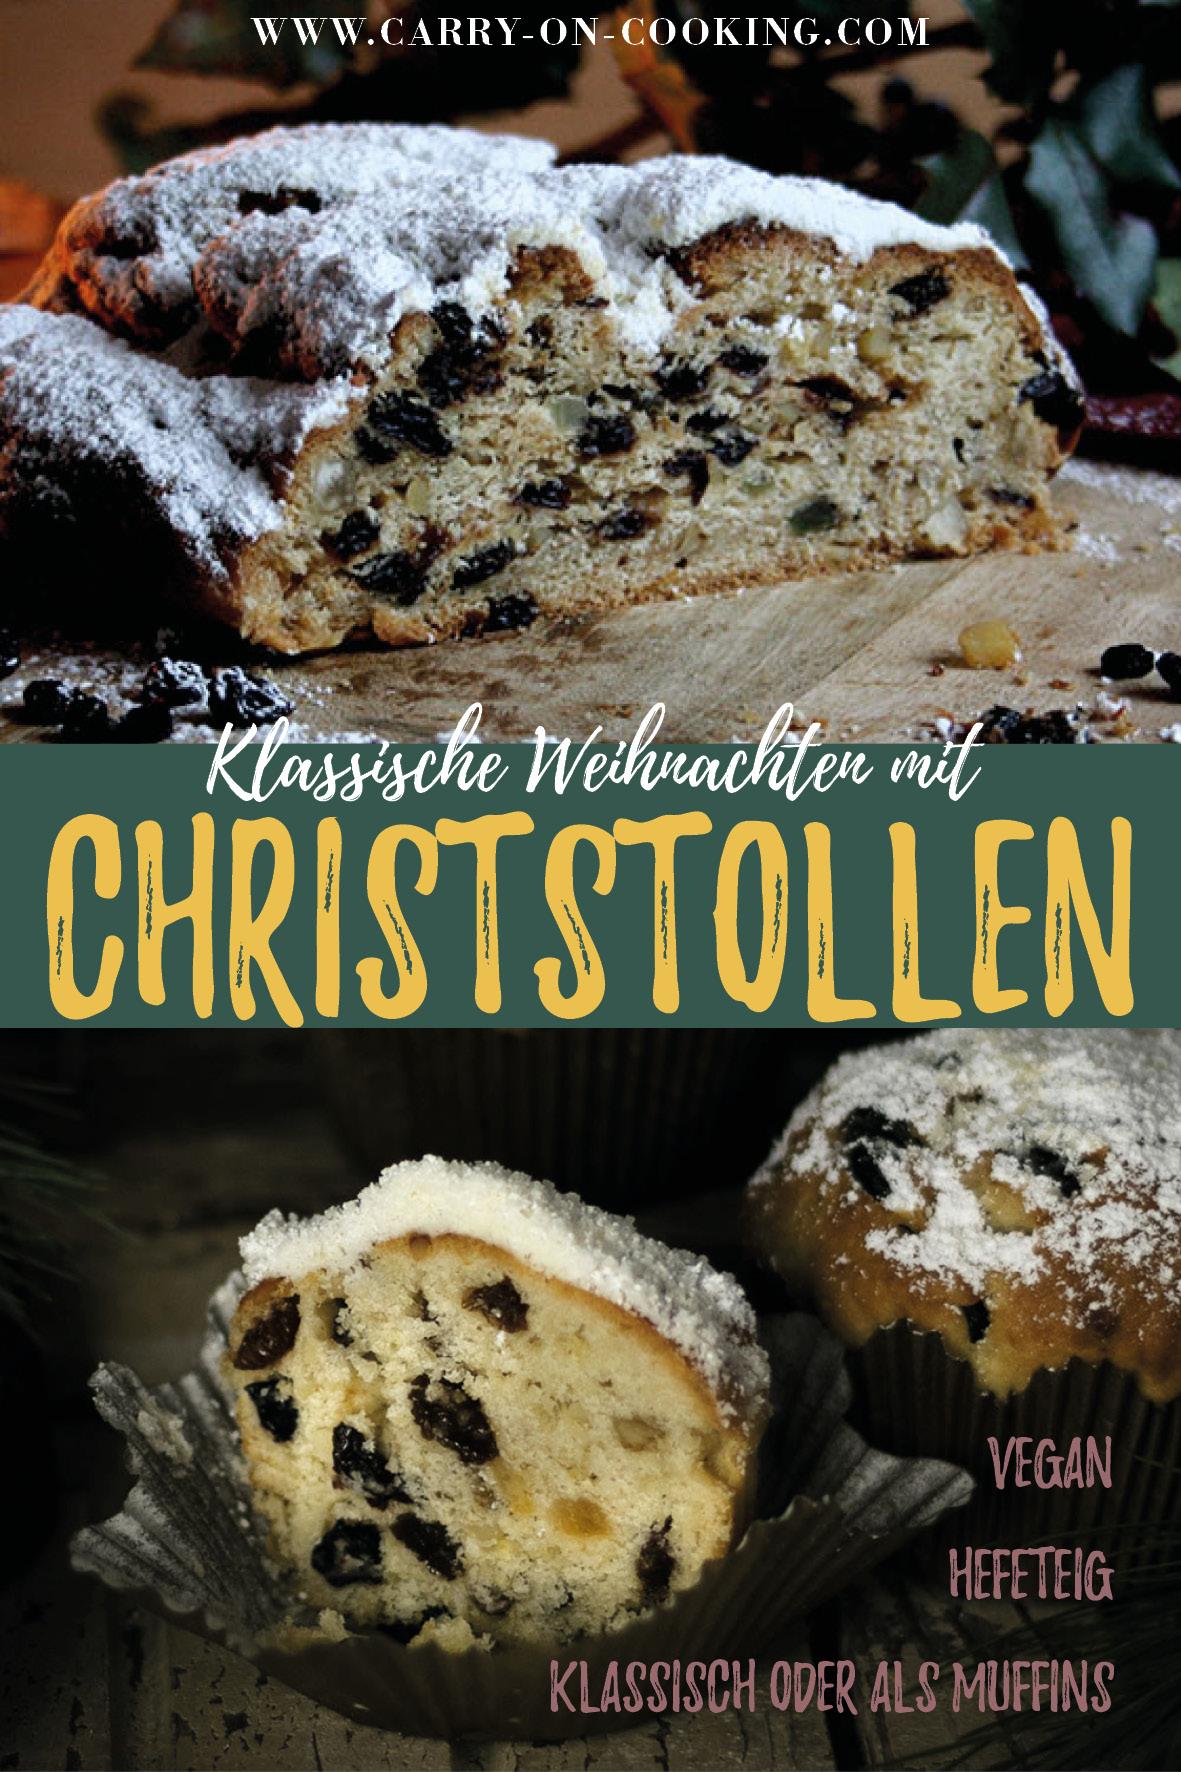 Gleich auf deine Pinterest-Pinwand pinnen: Rezept für traditionellen Christstollen & Stollen-Muffins für Weihnachten